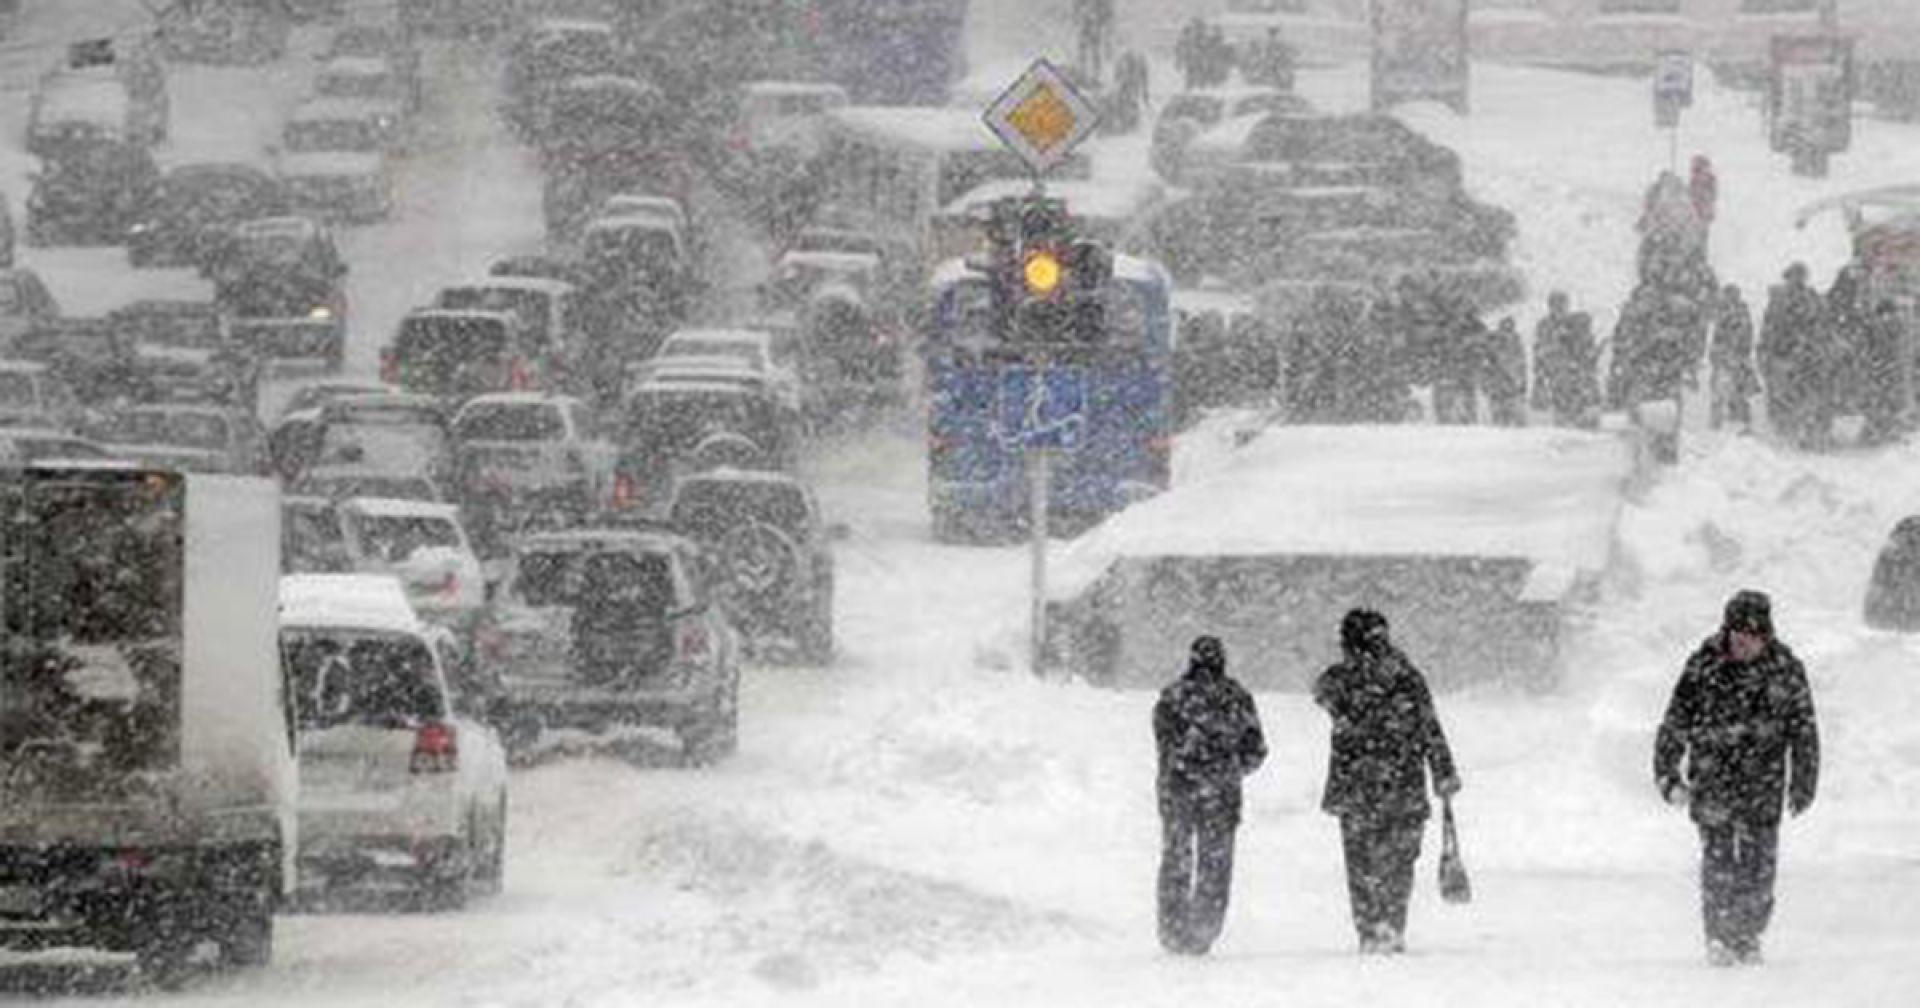 Погода испортится завтра в Новосибирске